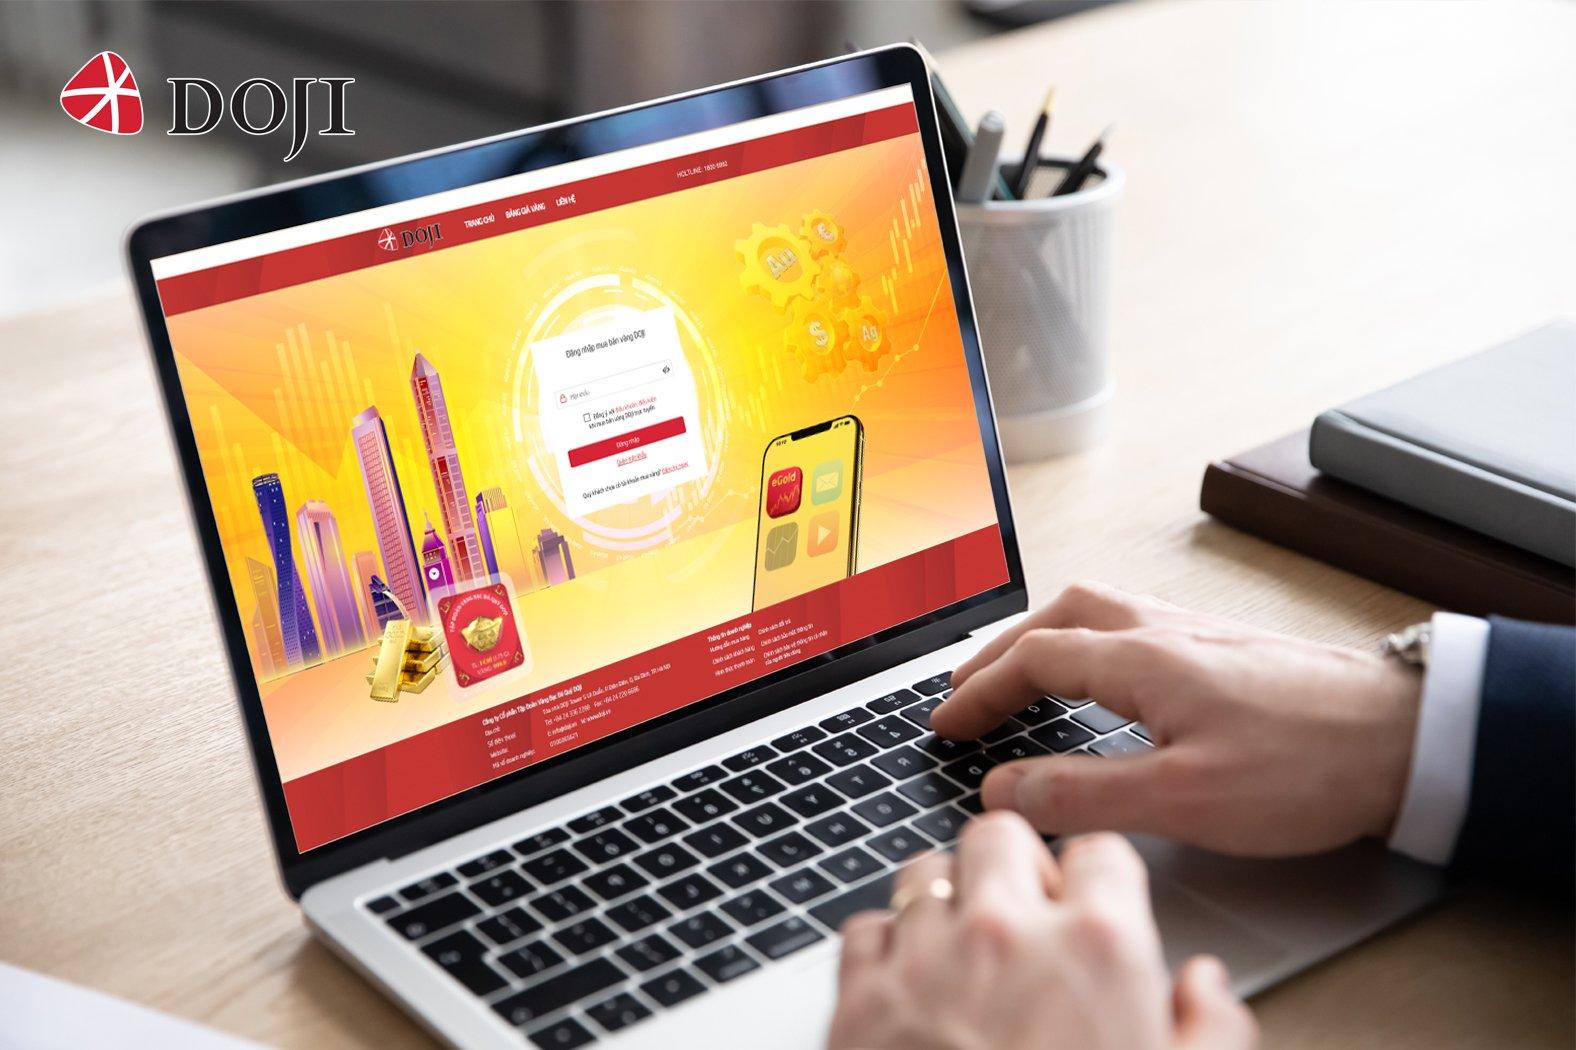 Sắp ra mắt hình thức mua bán vàng vật chất trực tuyến eGold của DOJI  - Ảnh 1